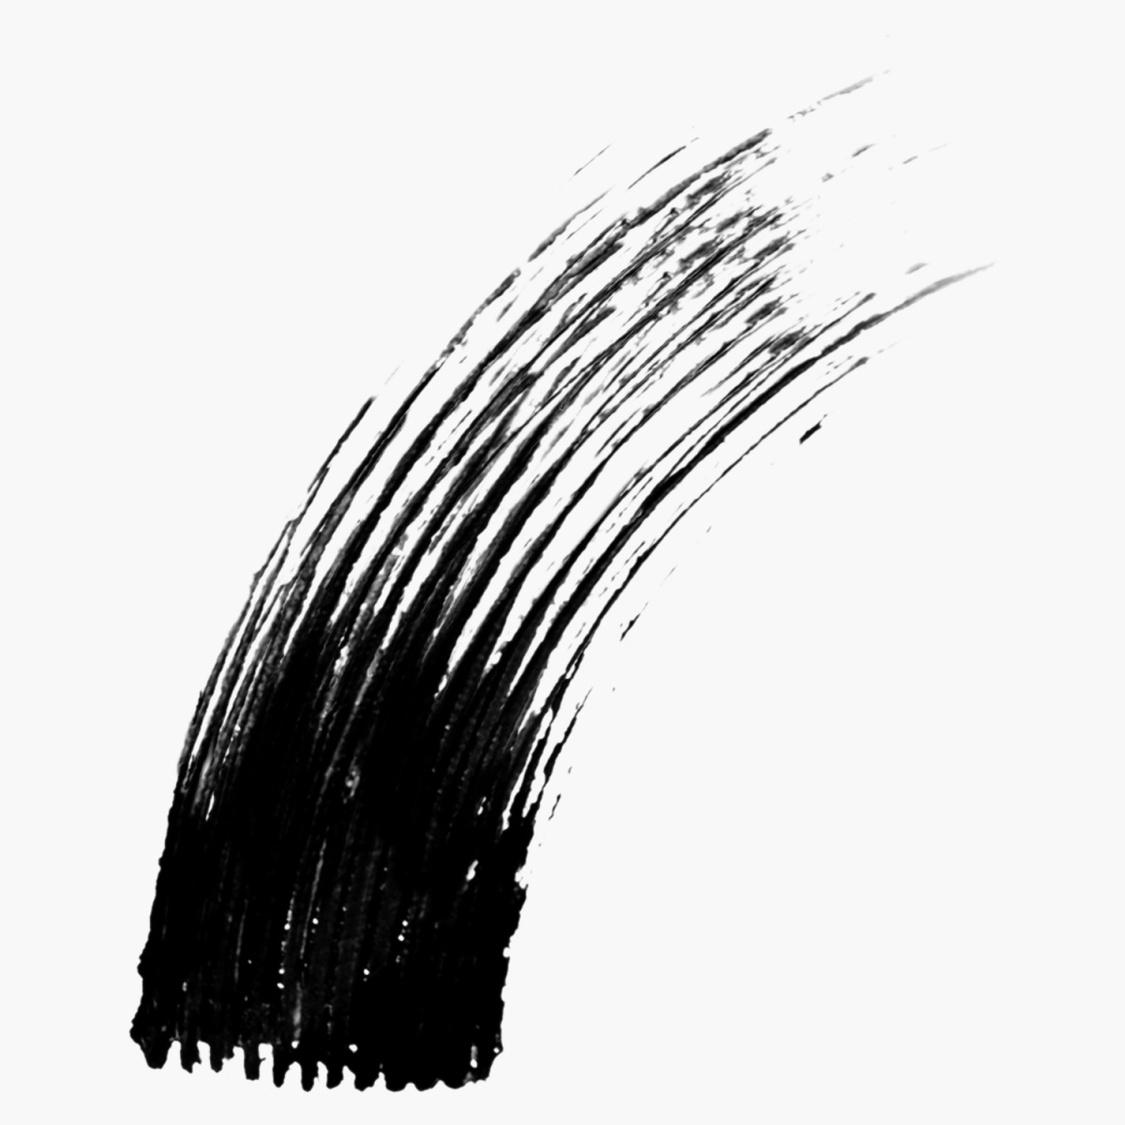 مجموعة إطالة الرموش من ويت آند وايلد